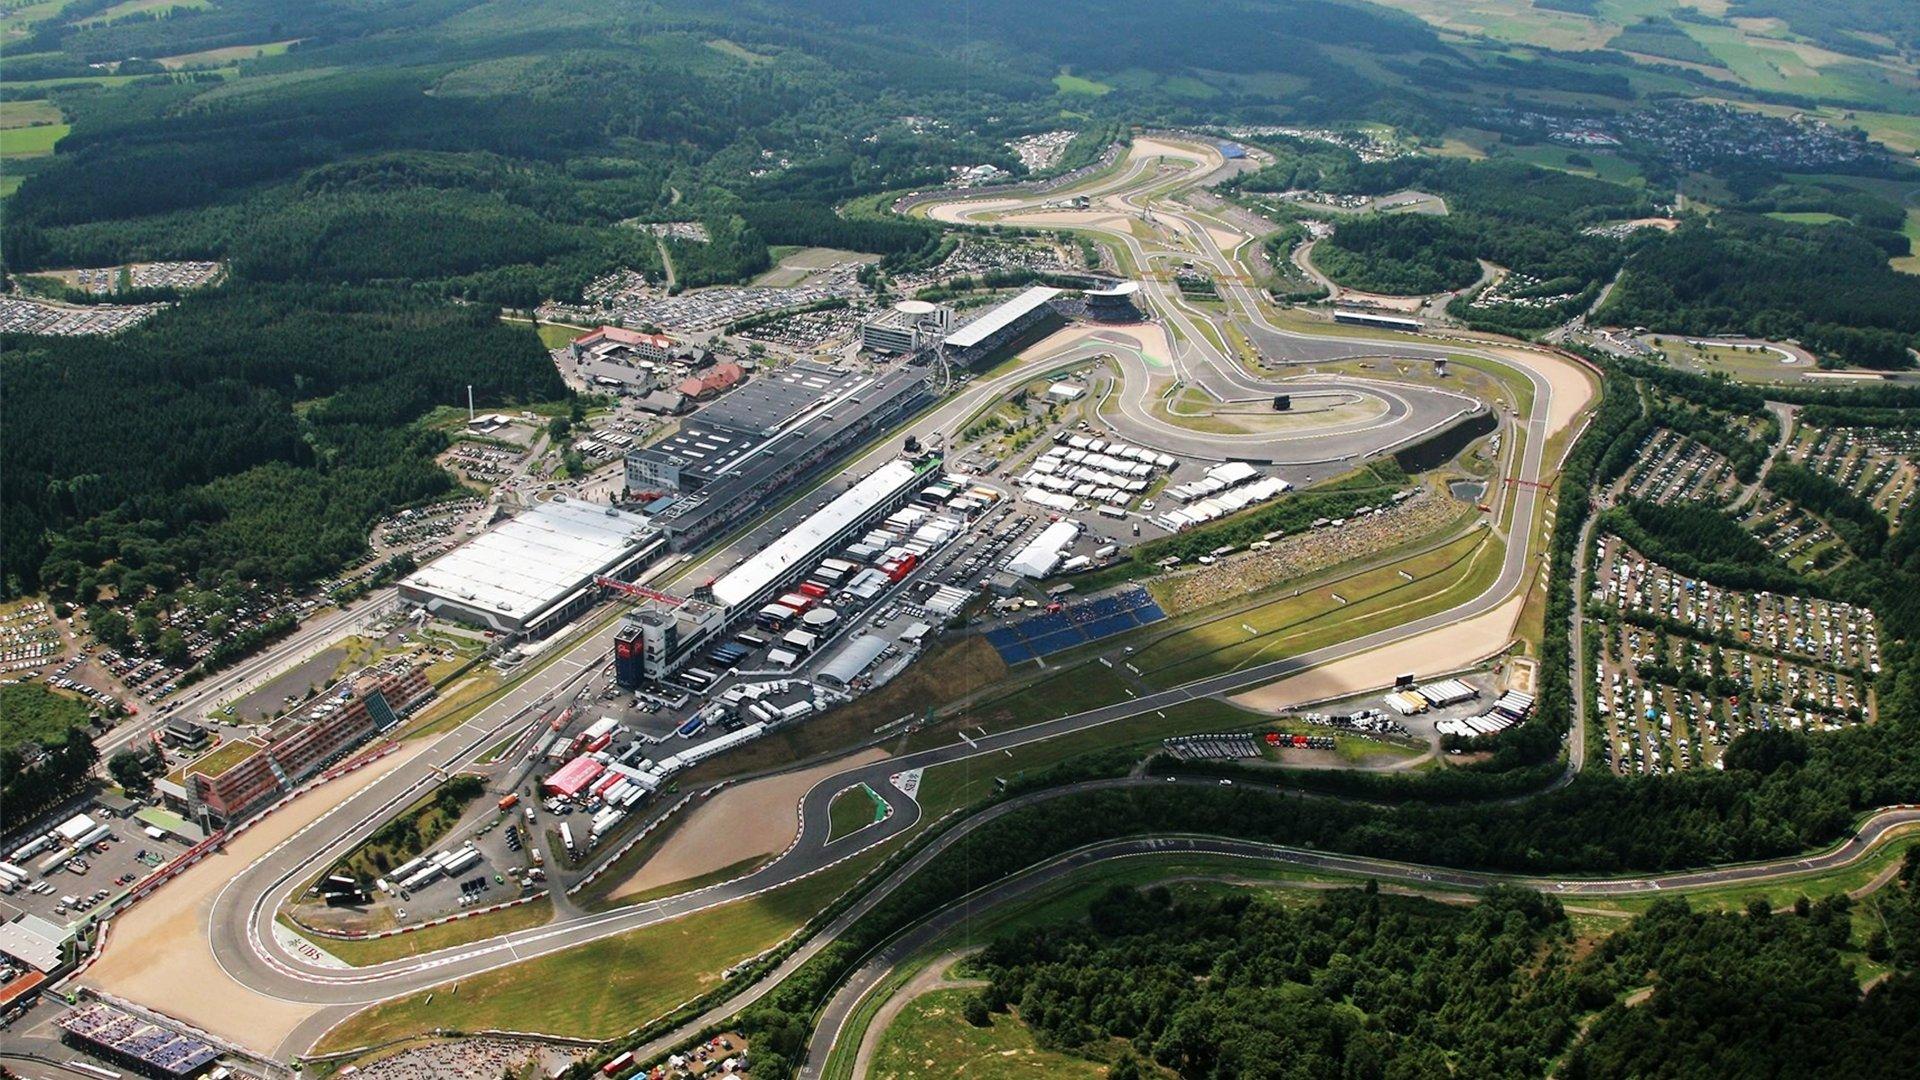 Présentation du Grand Prix de l'Eifel